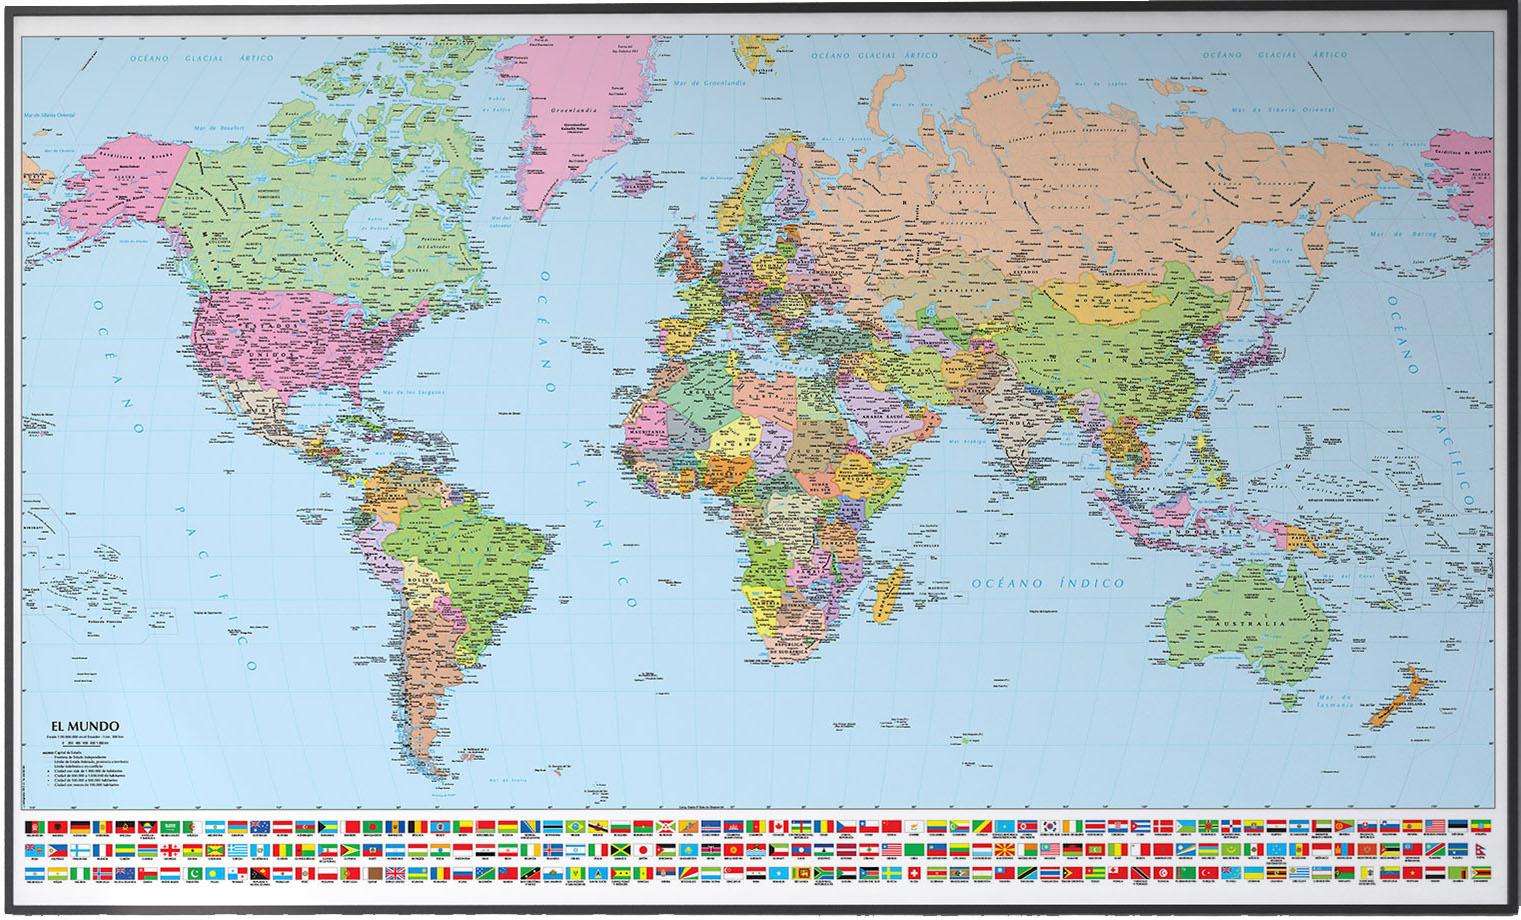 Mapas murales personalizados